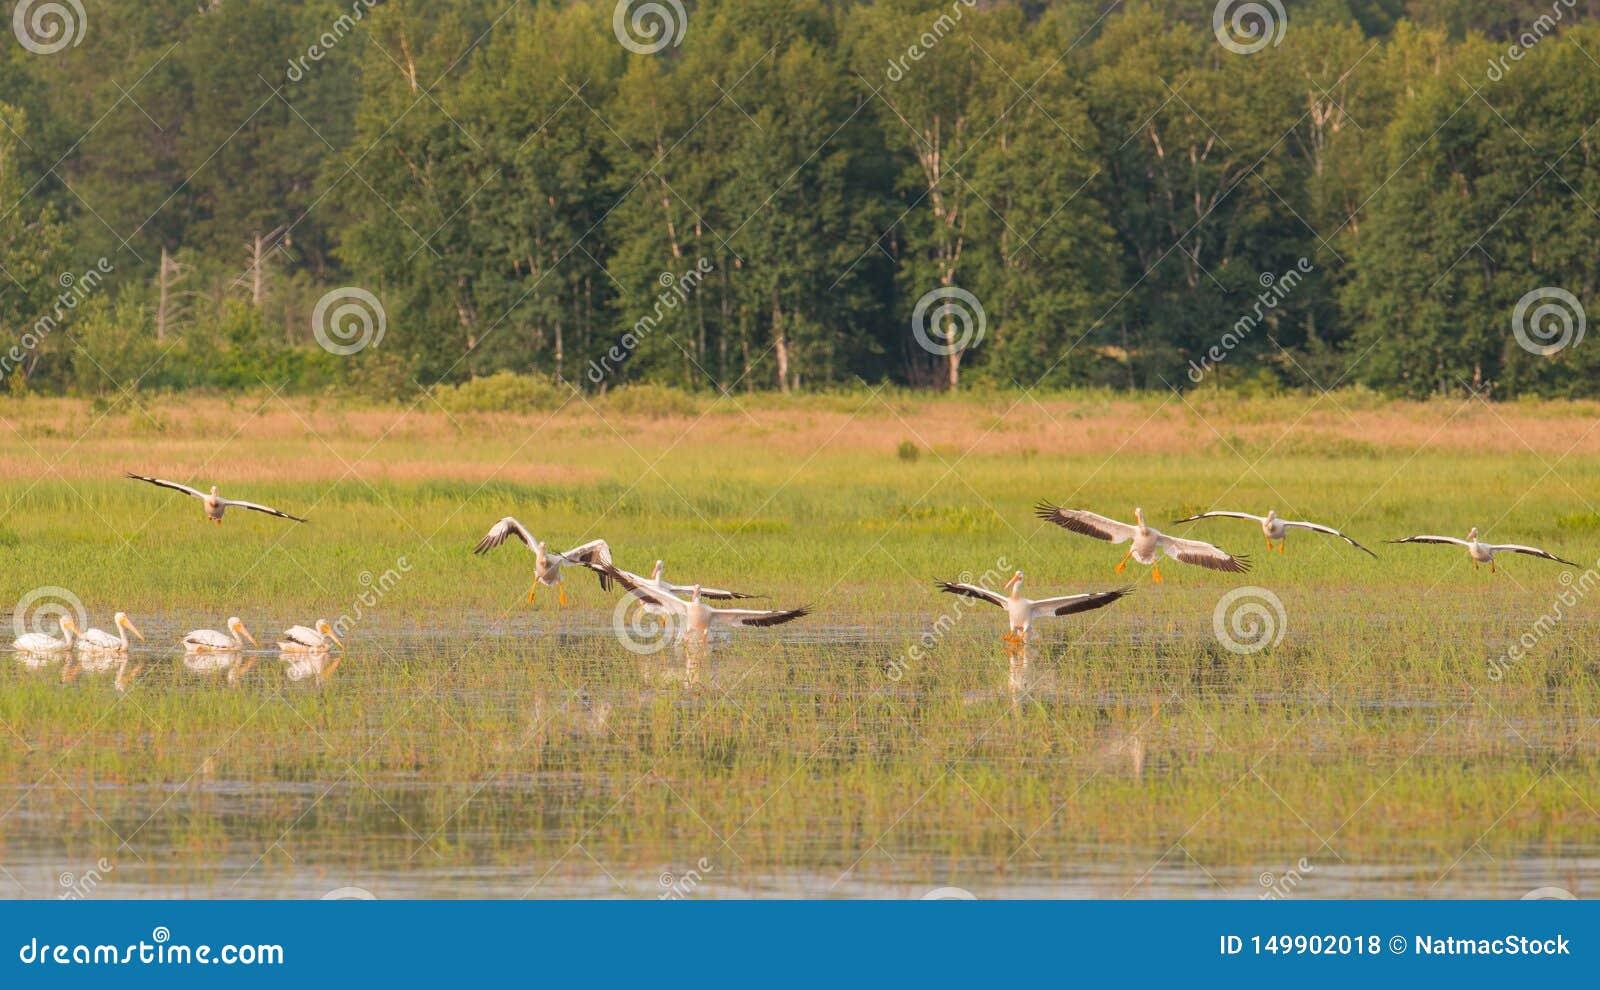 飞行在夏天期间的美国白色鹈鹕分谴舰队在Crex草甸野生生物地区-主要沼泽地区域